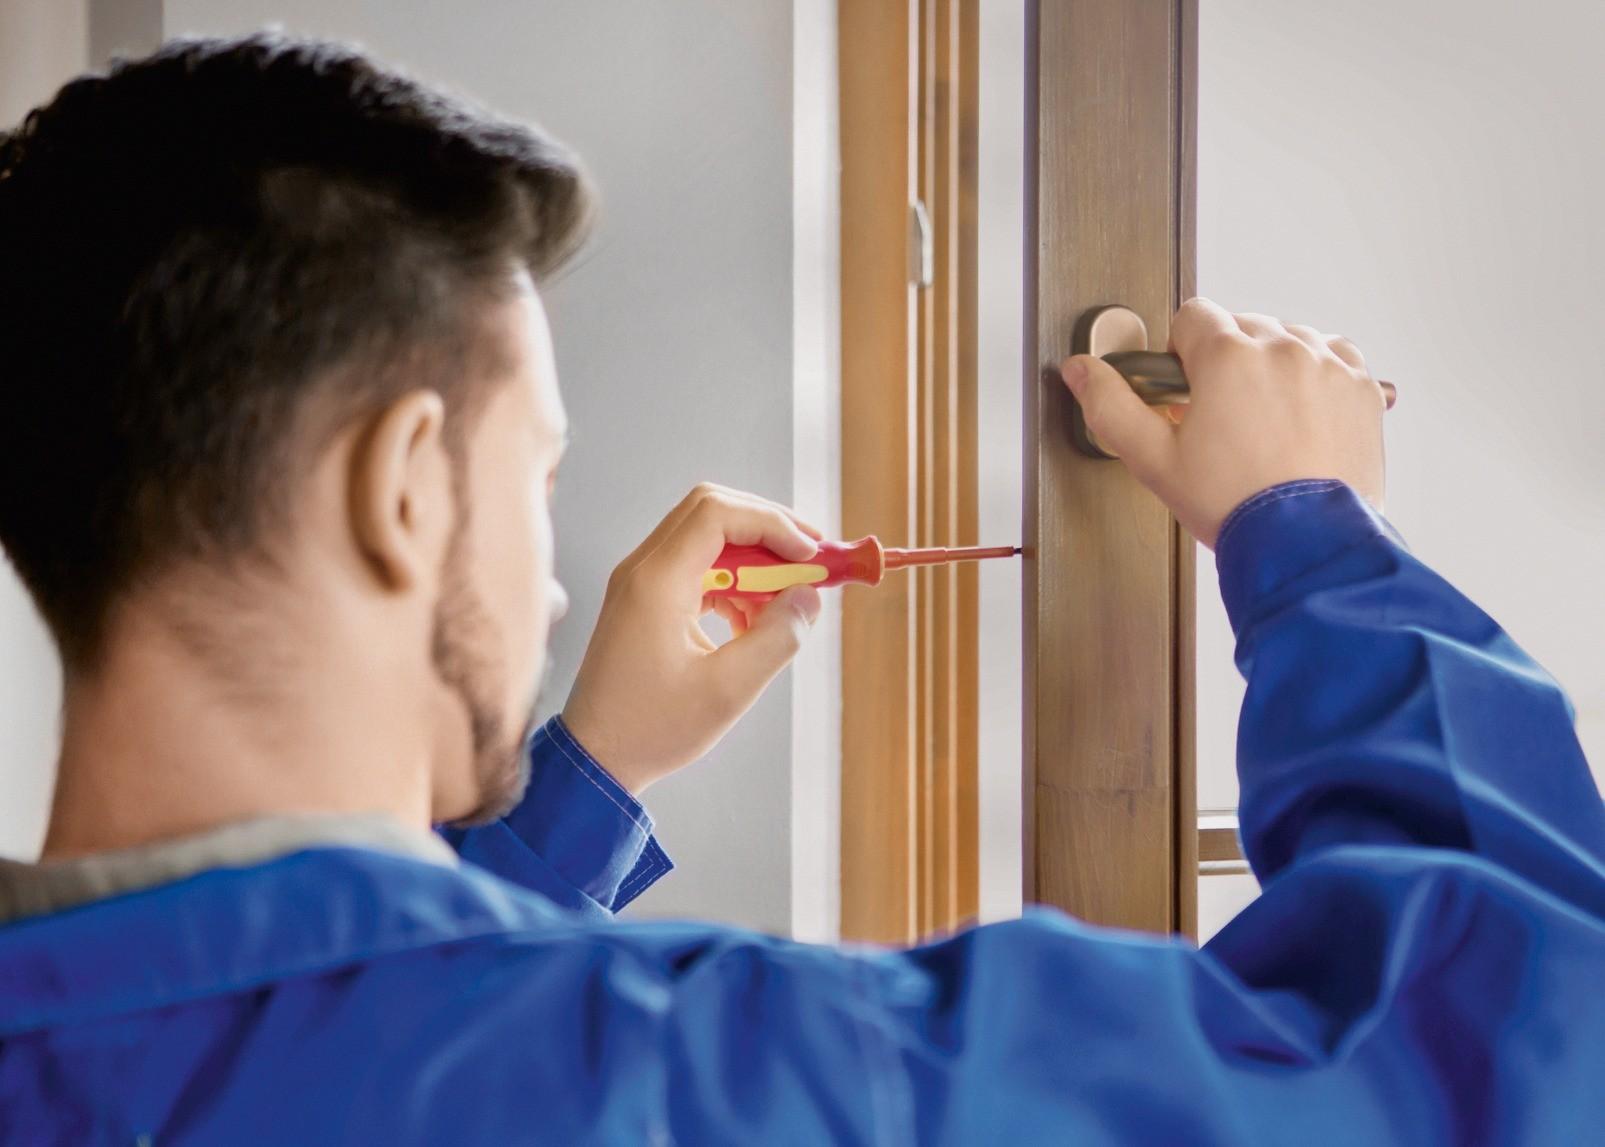 Эксцентриковые цапфы регулируют шестигранным ключом или отвёрткой, чтобы предотвратить продувание окна